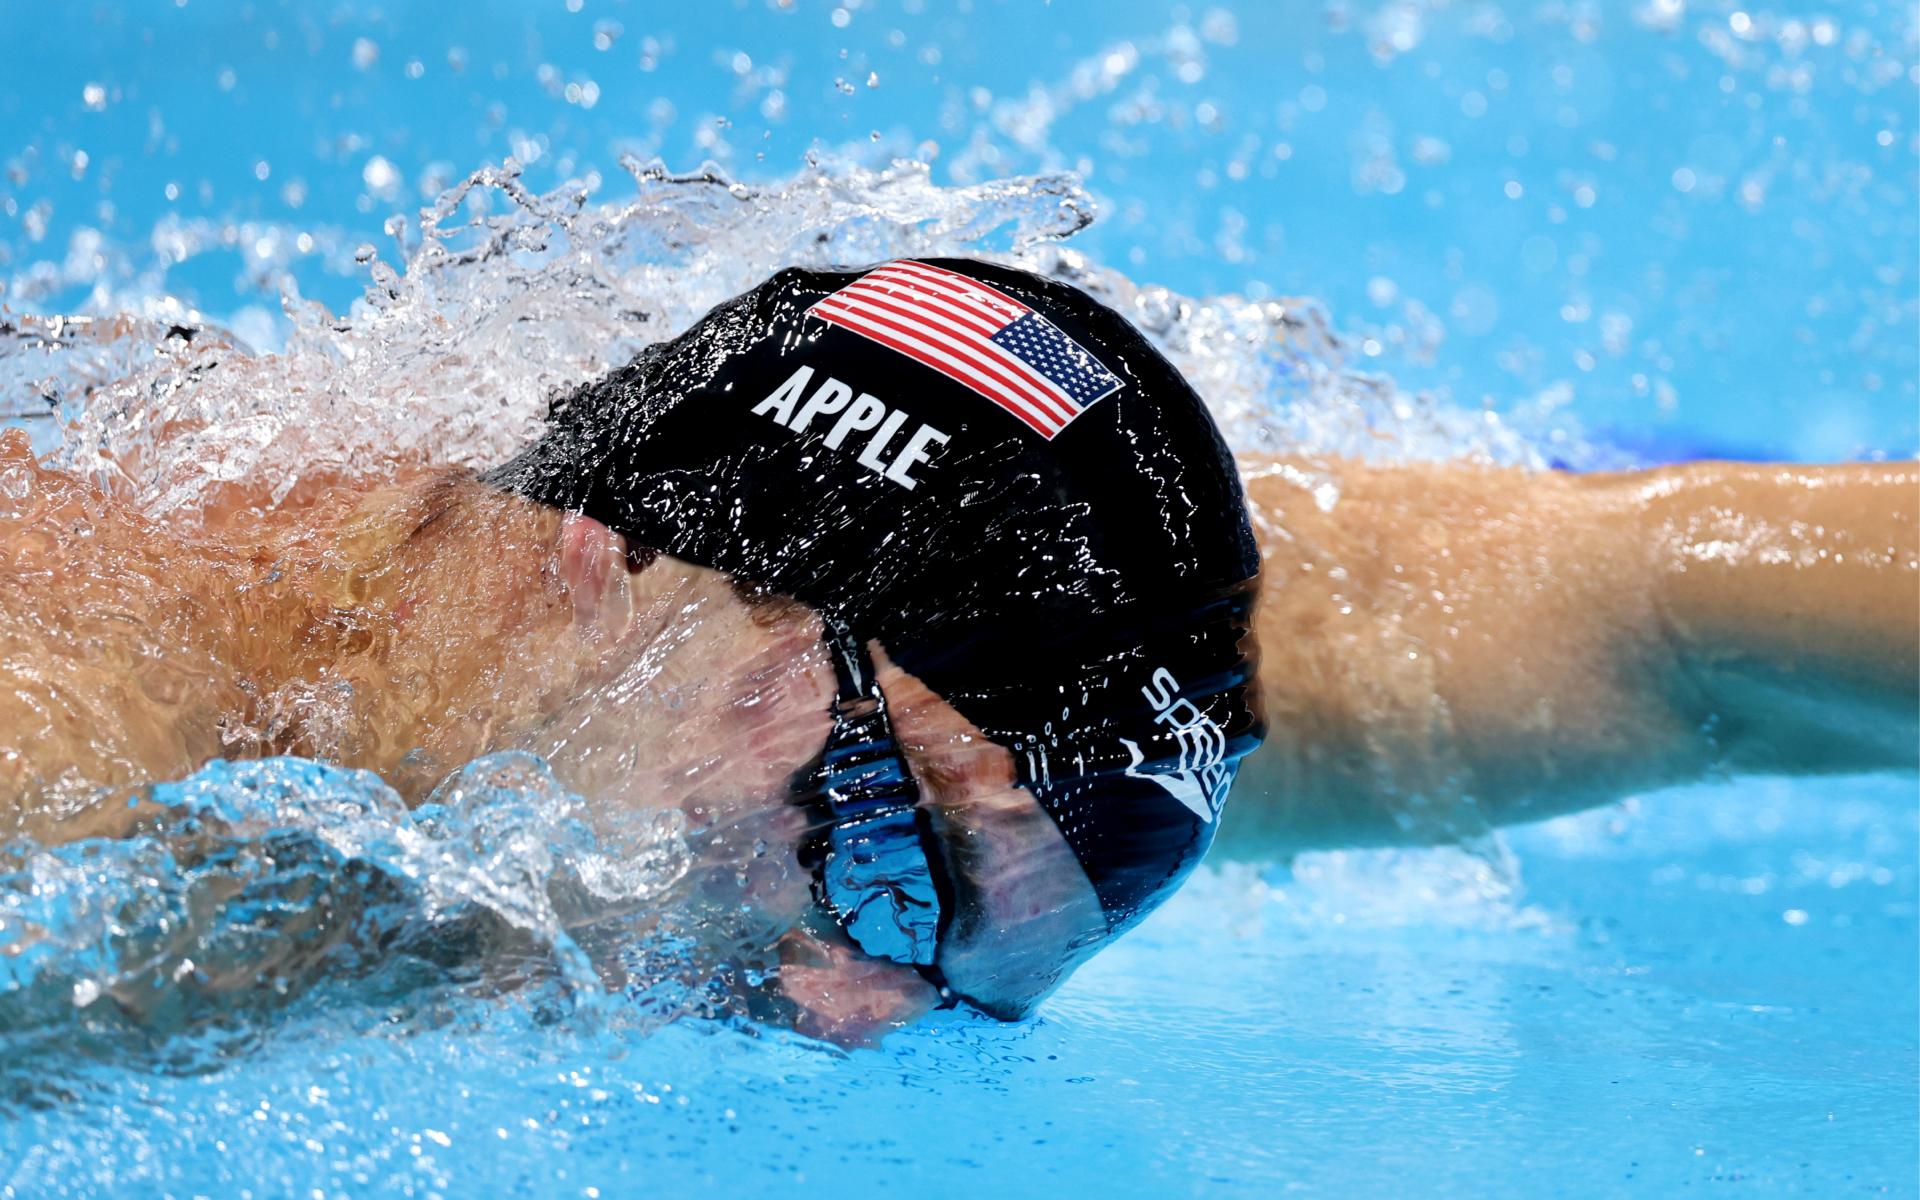 Фото: Американский пловец Зак Эпл (Photo by Tom Pennington/Getty Images)